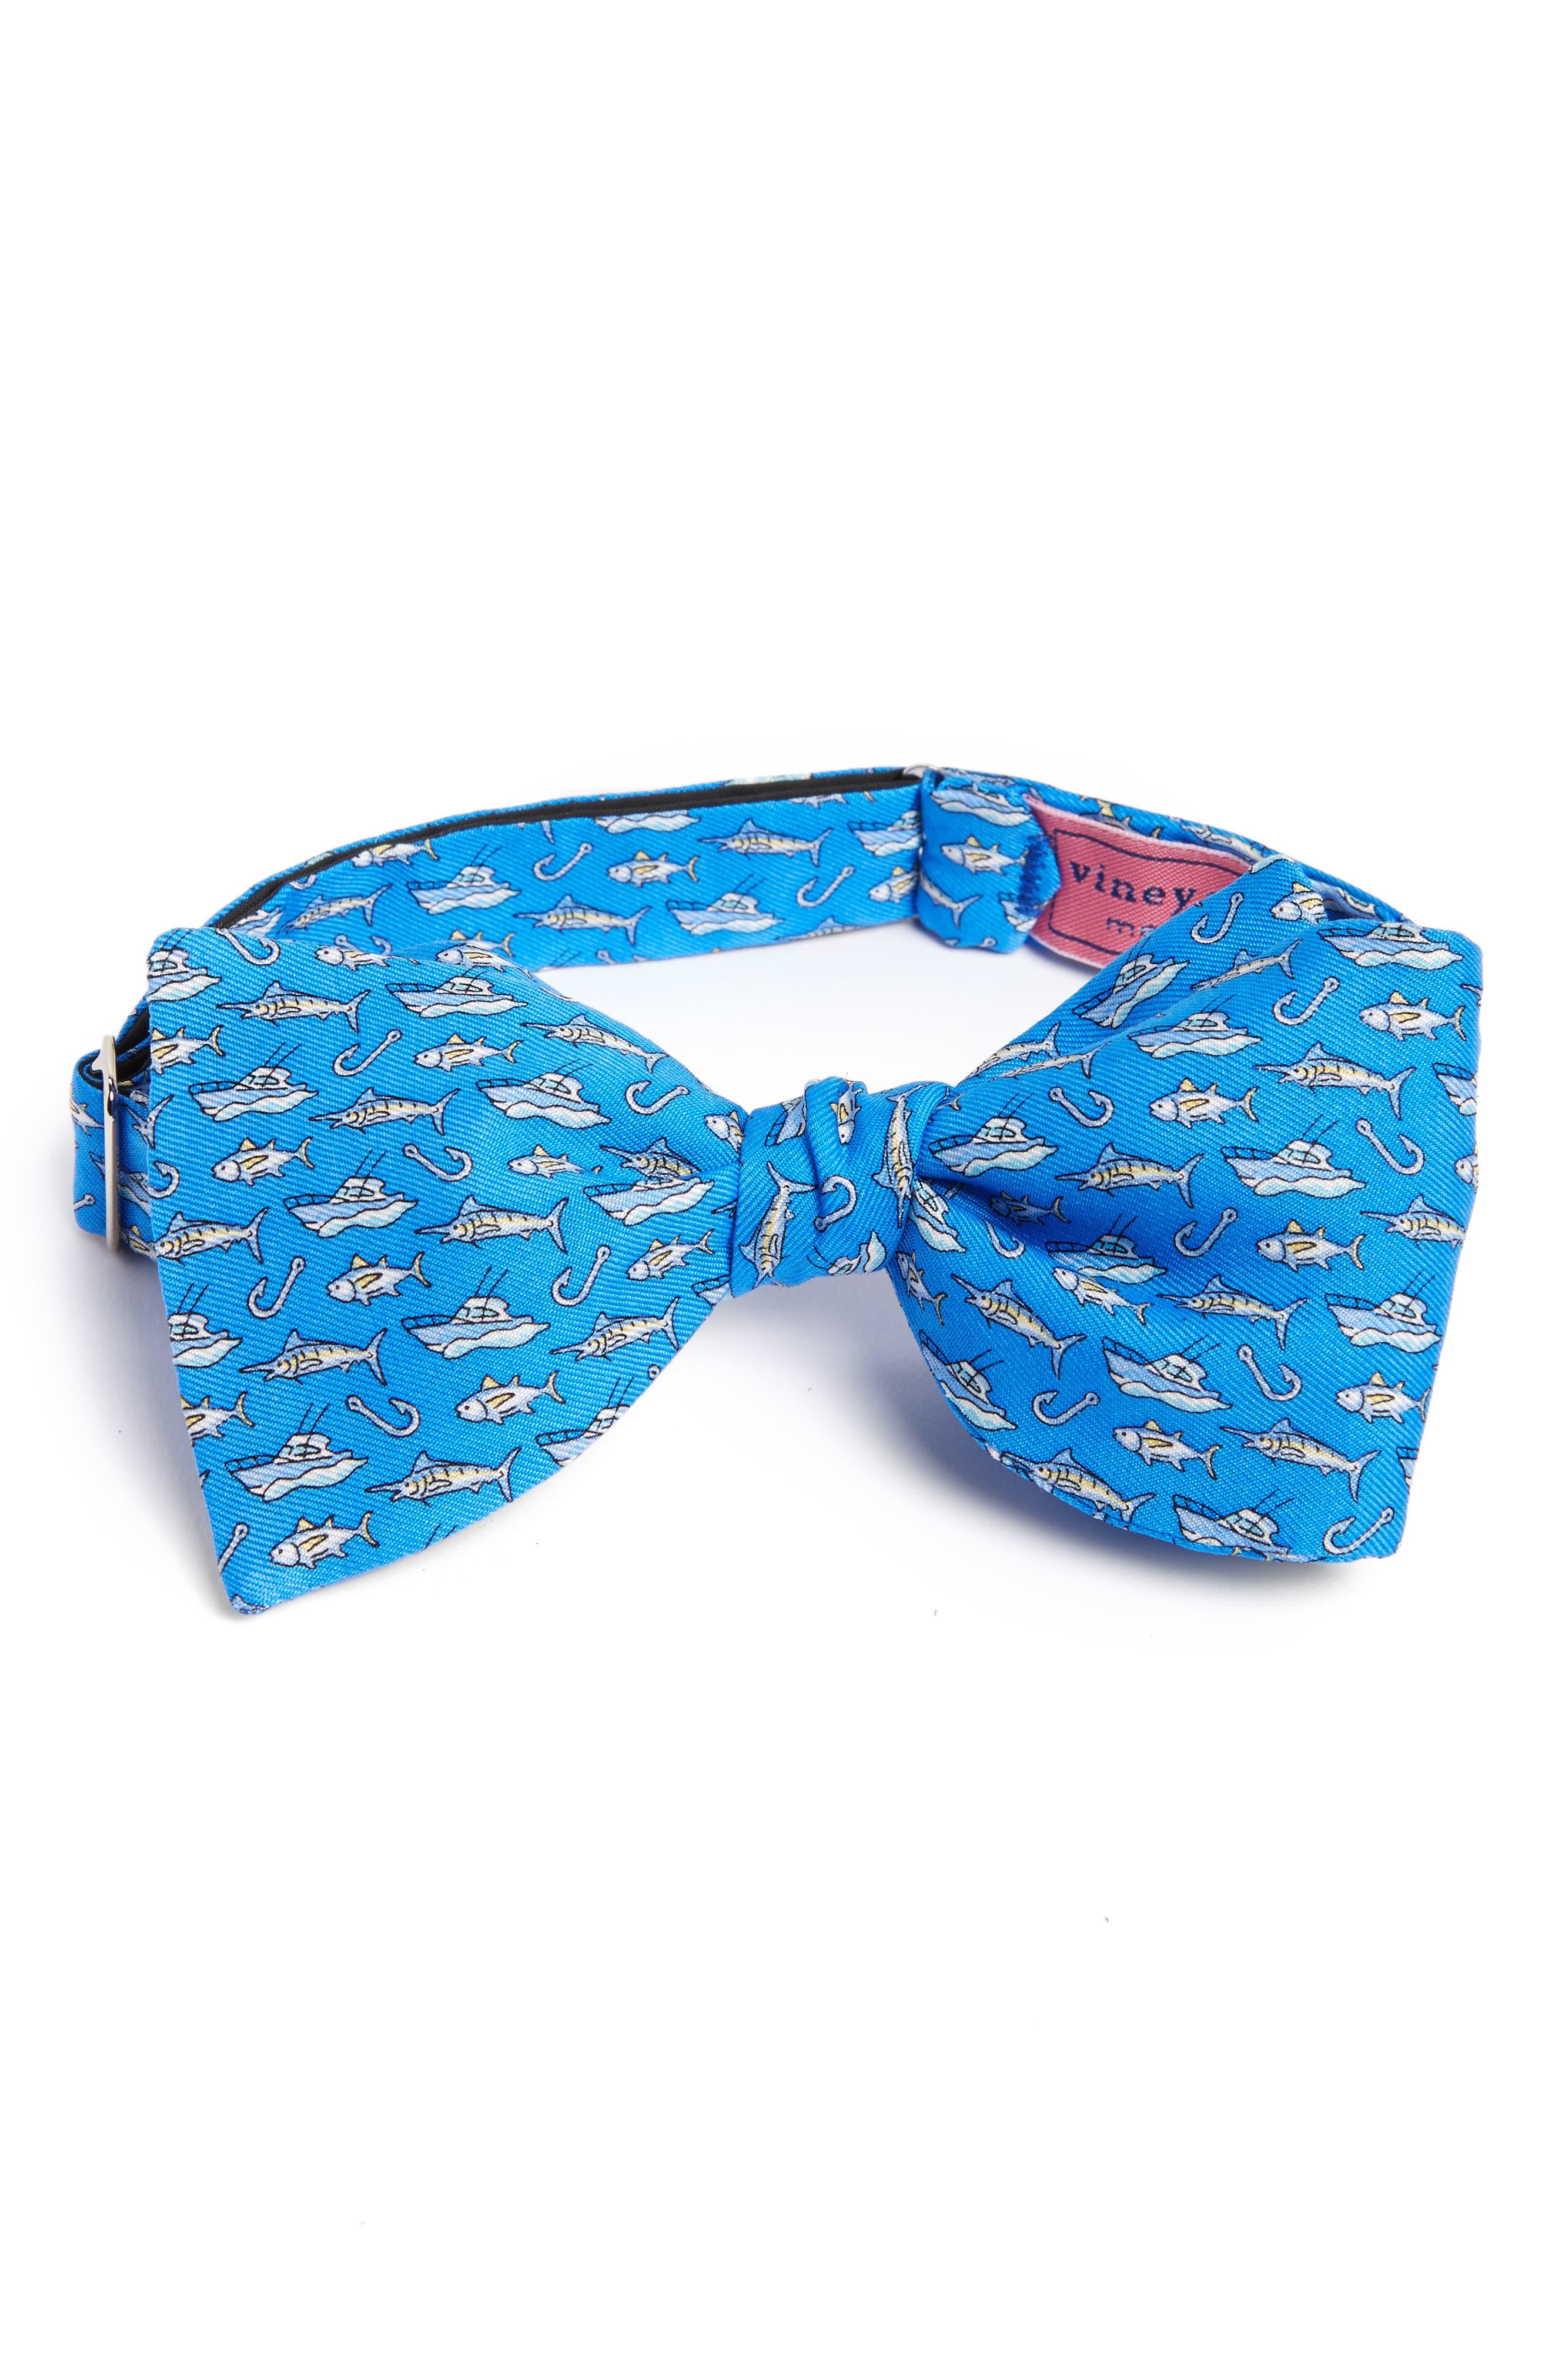 Coastal Fishing Silk Bow Tie,                             Main thumbnail 1, color,                             Royal Blue